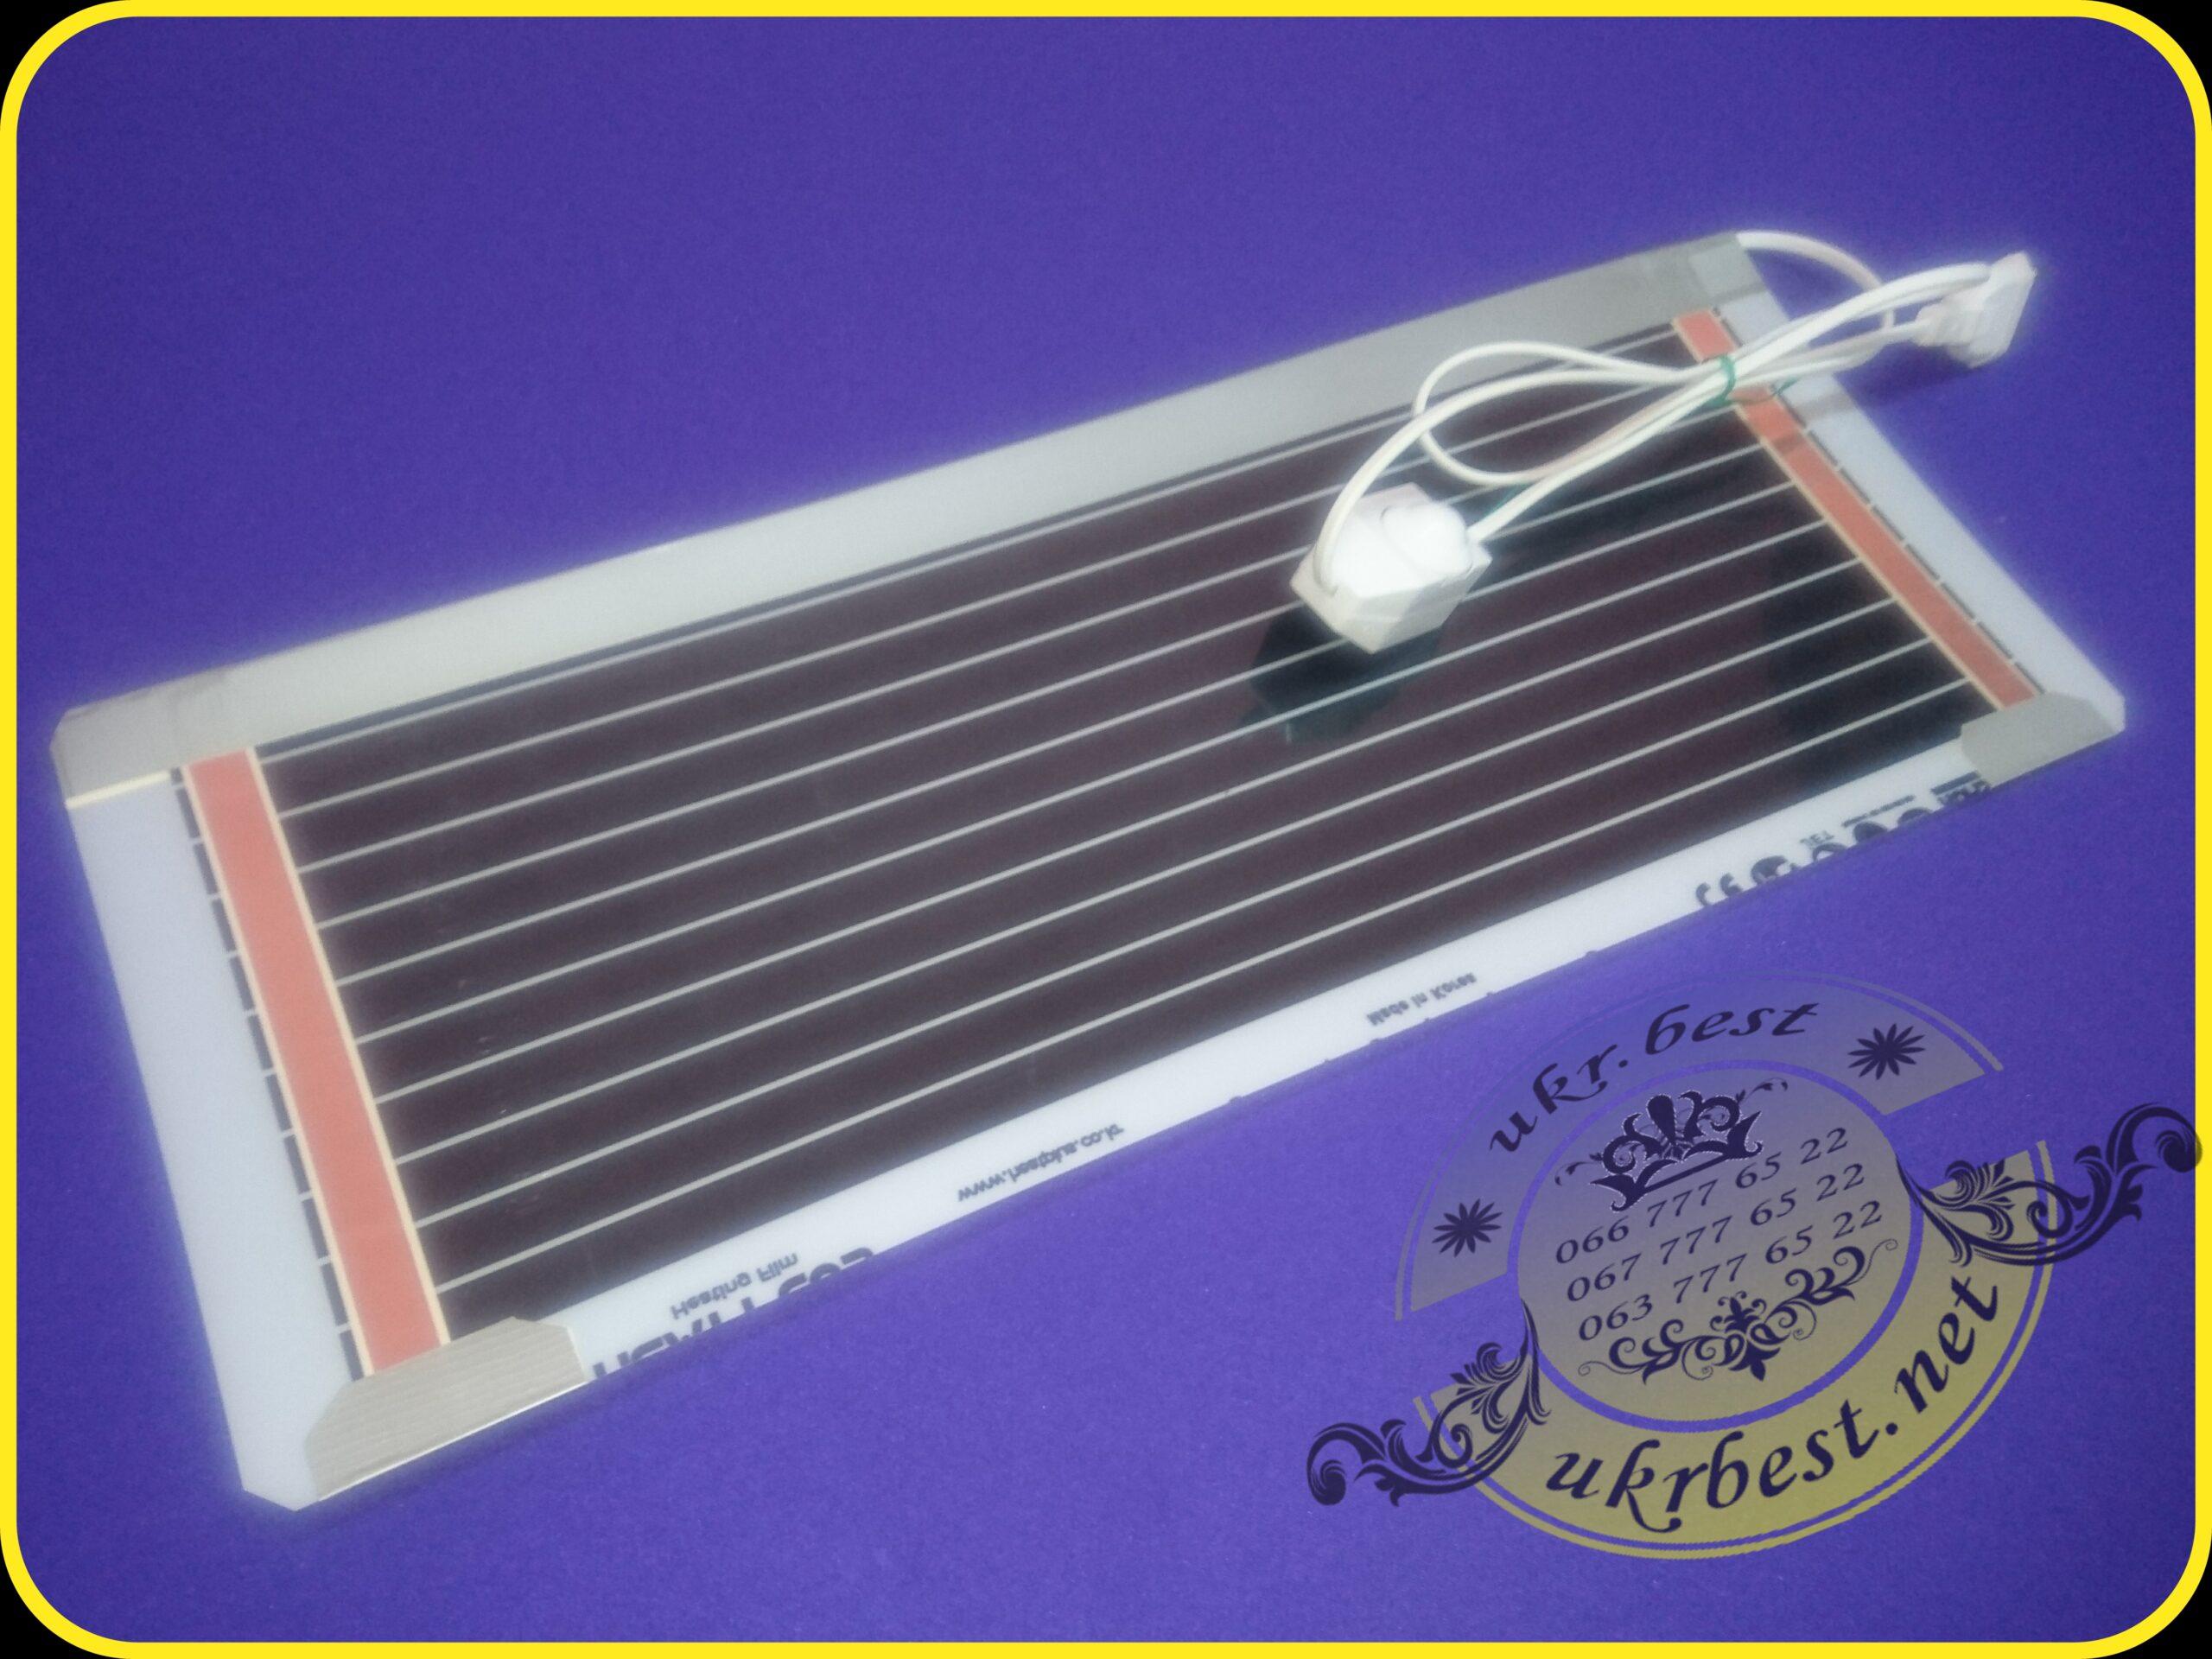 Купить термоковрик для террариума в Украине от производителя UkrBest